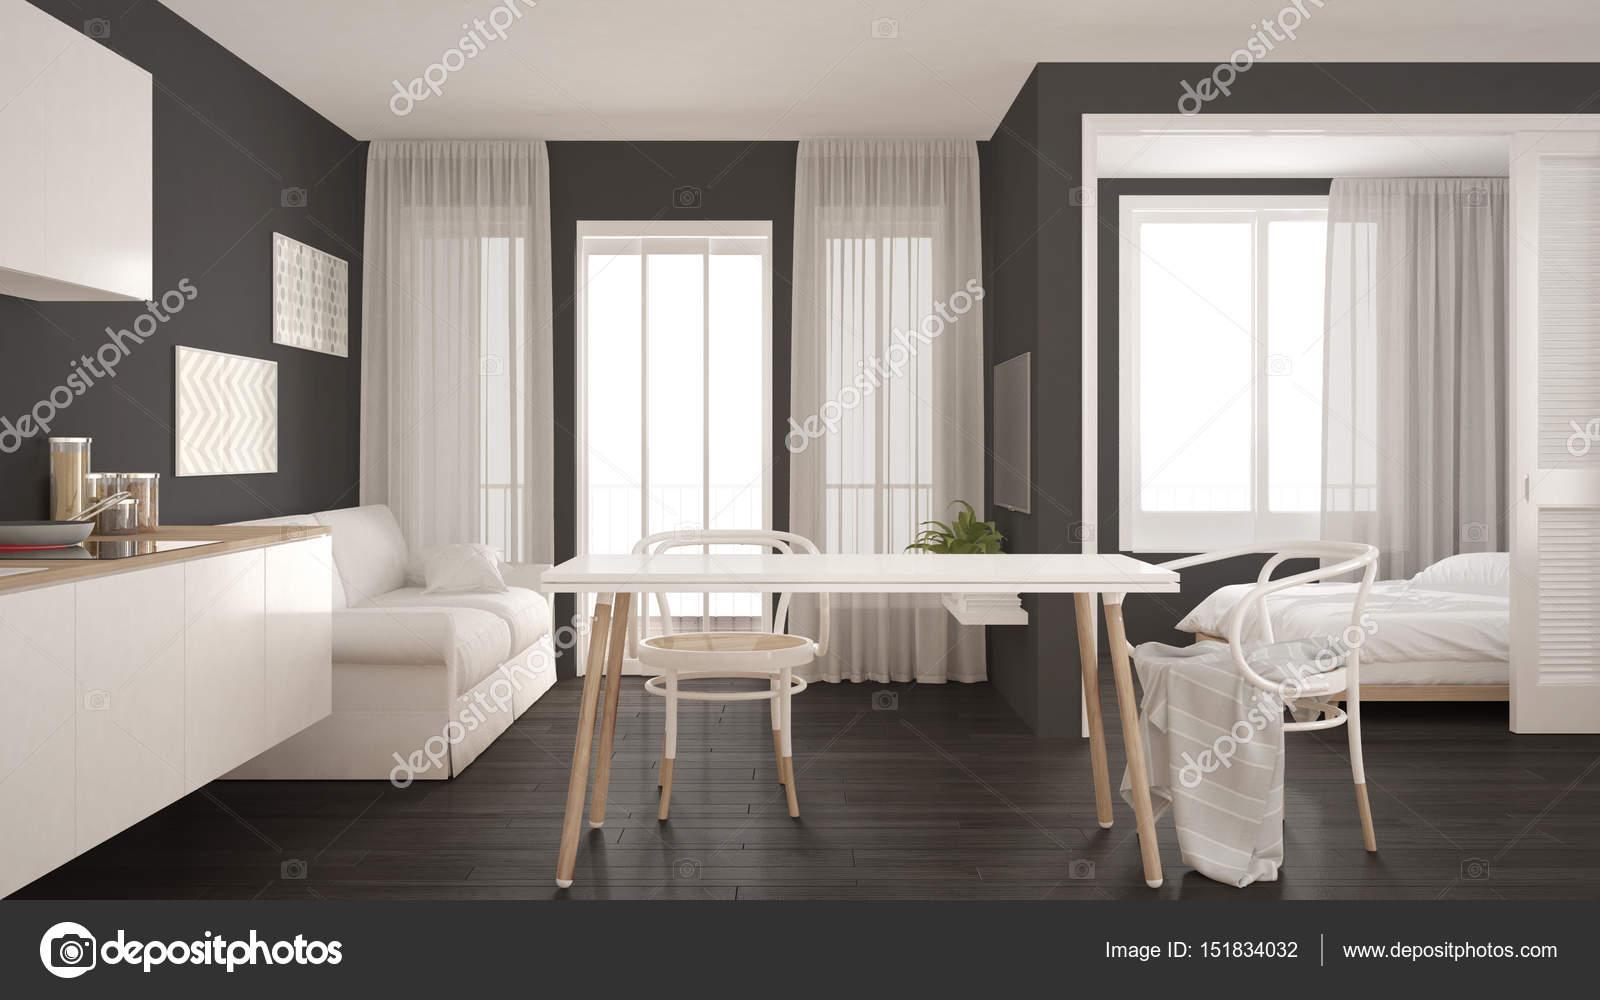 Minimal moderno cucina e soggiorno con camera da letto nel ...